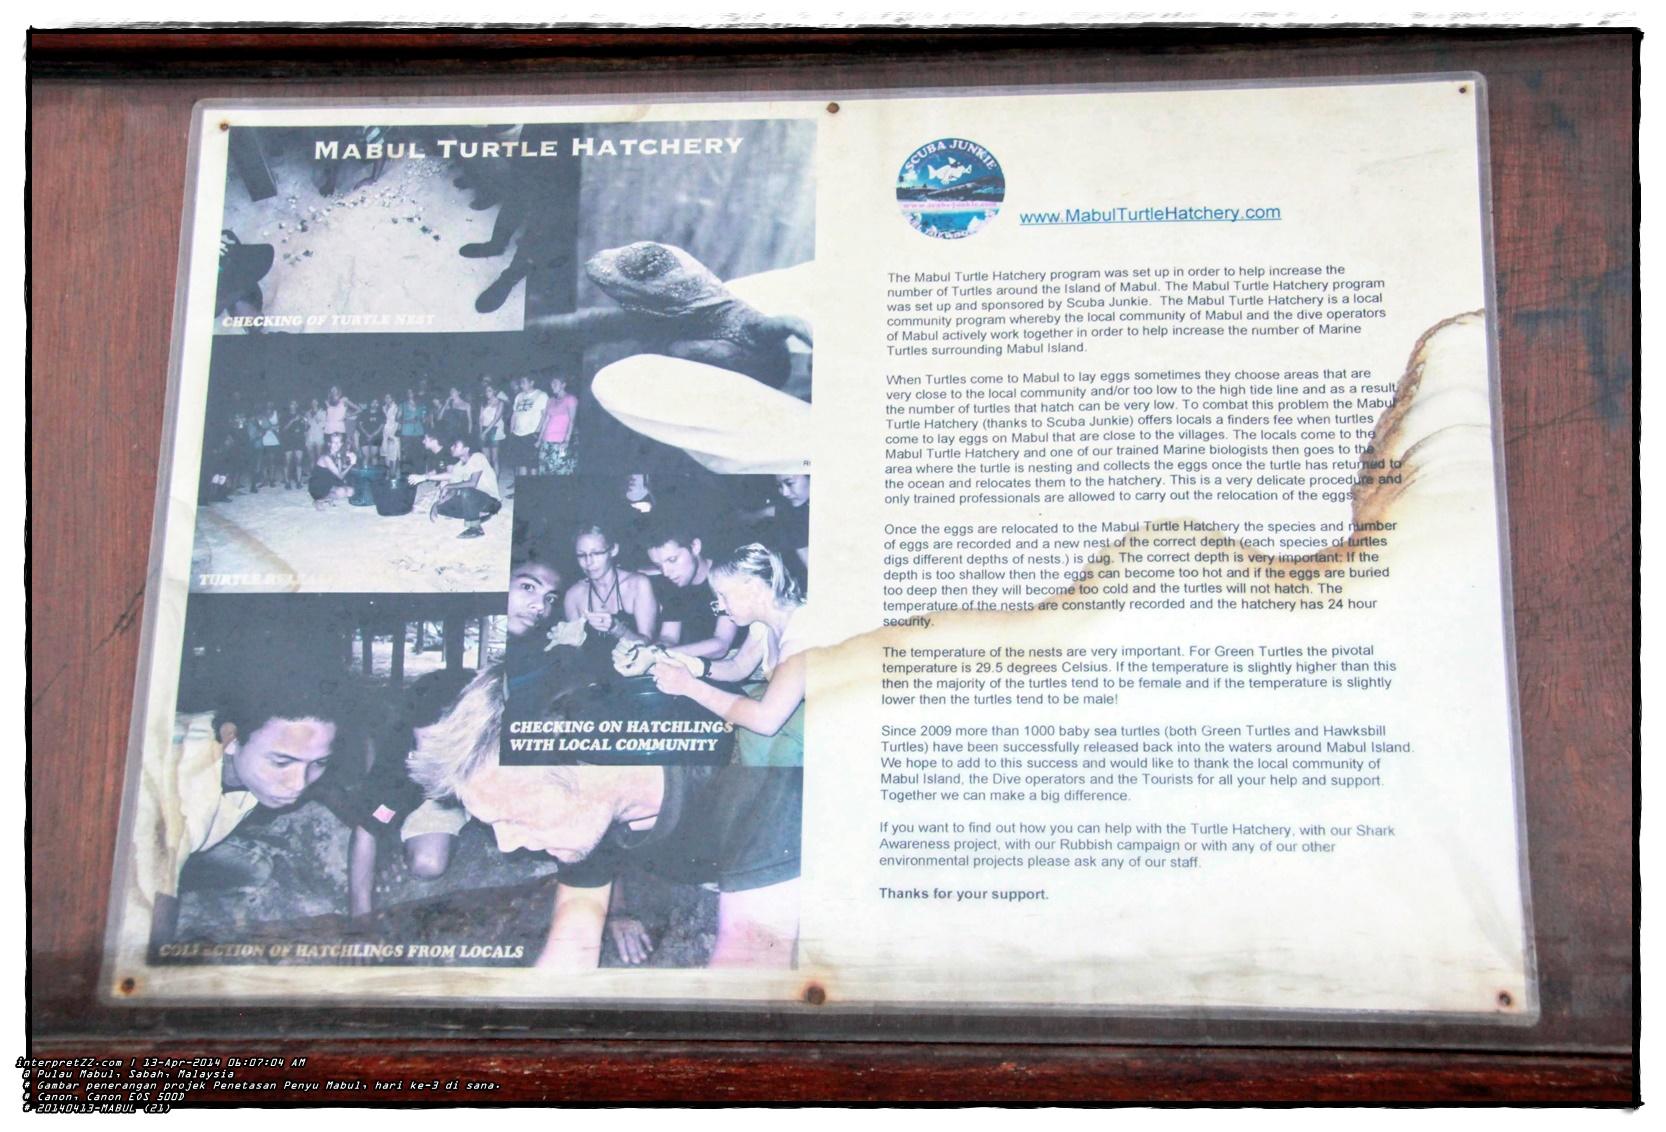 gambar nota penjelasan projek penetasan penyu di Pulau Mabul